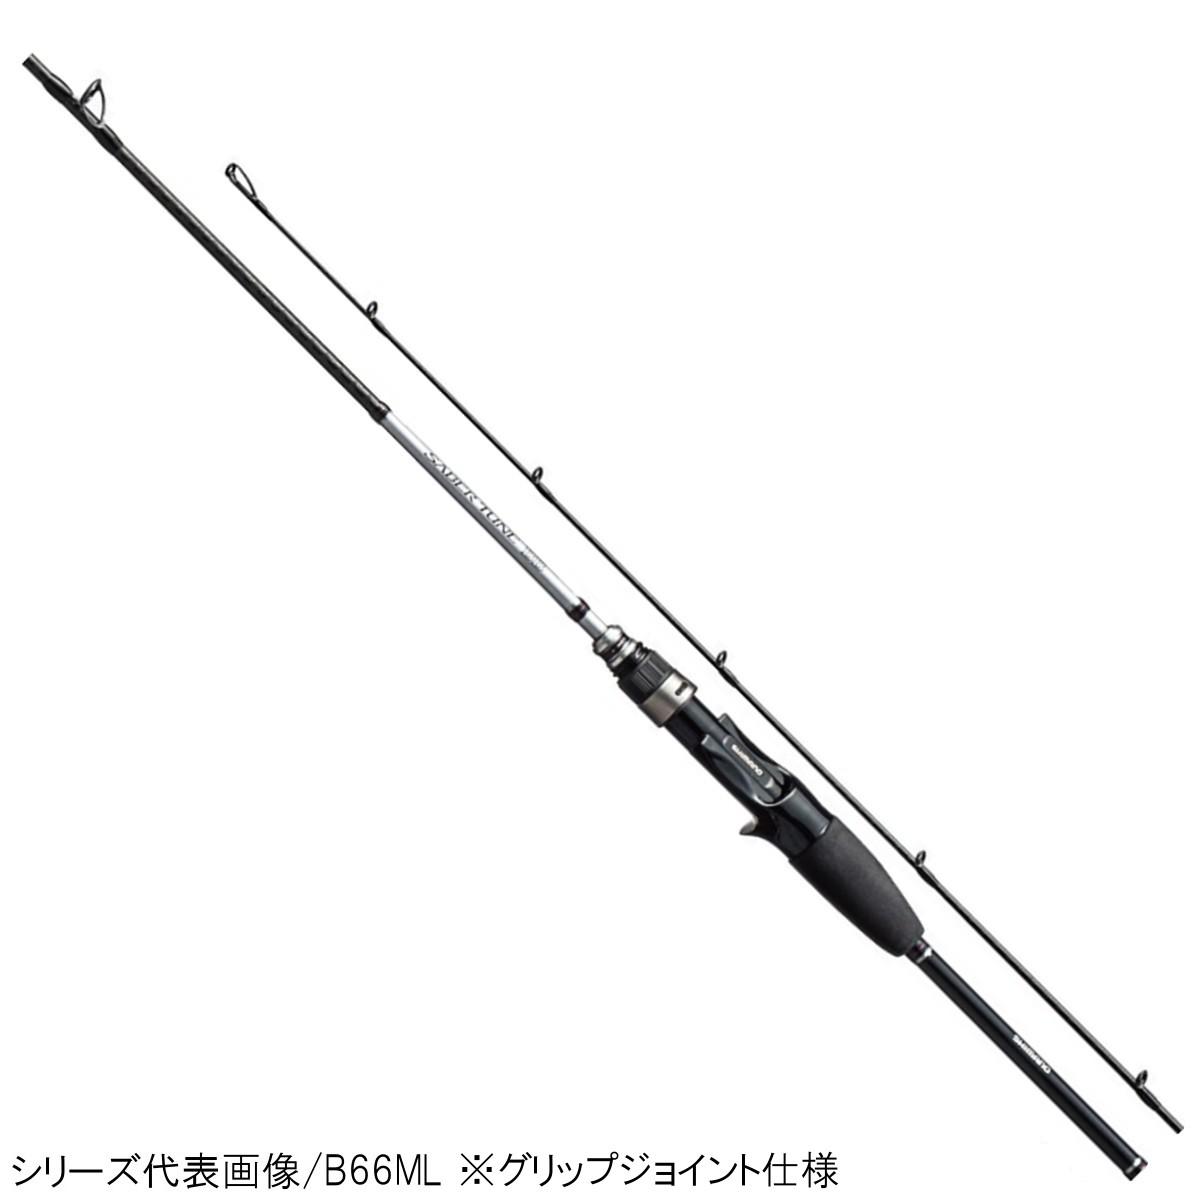 シマノ サーベルチューン BB B66L【大型商品】【送料無料】